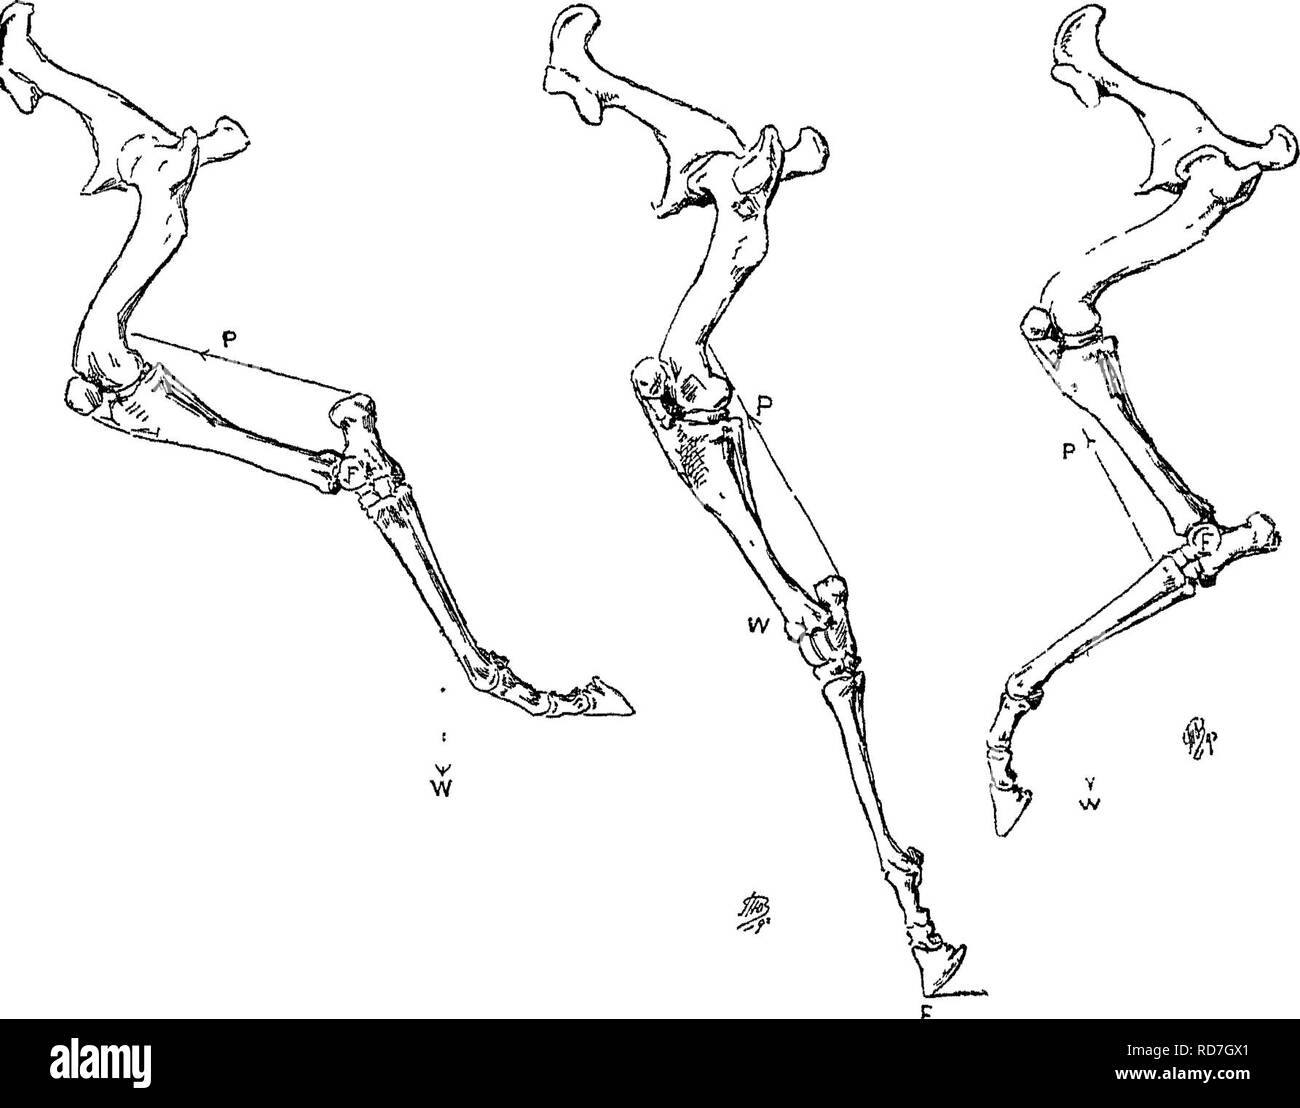 . Punkte des Pferdes; eine Abhandlung über den Körperbau, Bewegungen, Rassen und Evolution des Pferdes. Pferde. Mechanismus der FESSELGELENK, 57 variieren in Abhängigkeit von der Steigung von der Fessel und Klauen, und nach der Länge von der Fessel bis zu den Zehen. Daher (pp. 42 bis 44), desto kürzer ist die Entfernung des Toe aus der Richtung der Kanone - Knochen, oder von dem der zurück sehnen, desto größer werden die mechanischen Vorteil sein, bei der die zurück sehnen handeln; und versL Auf der anderen Seite können wir sehen, dass das mehr ist die mechanische gewinnen, desto schlechter wird die Fessel handeln wie eine Feder, die Stockbild